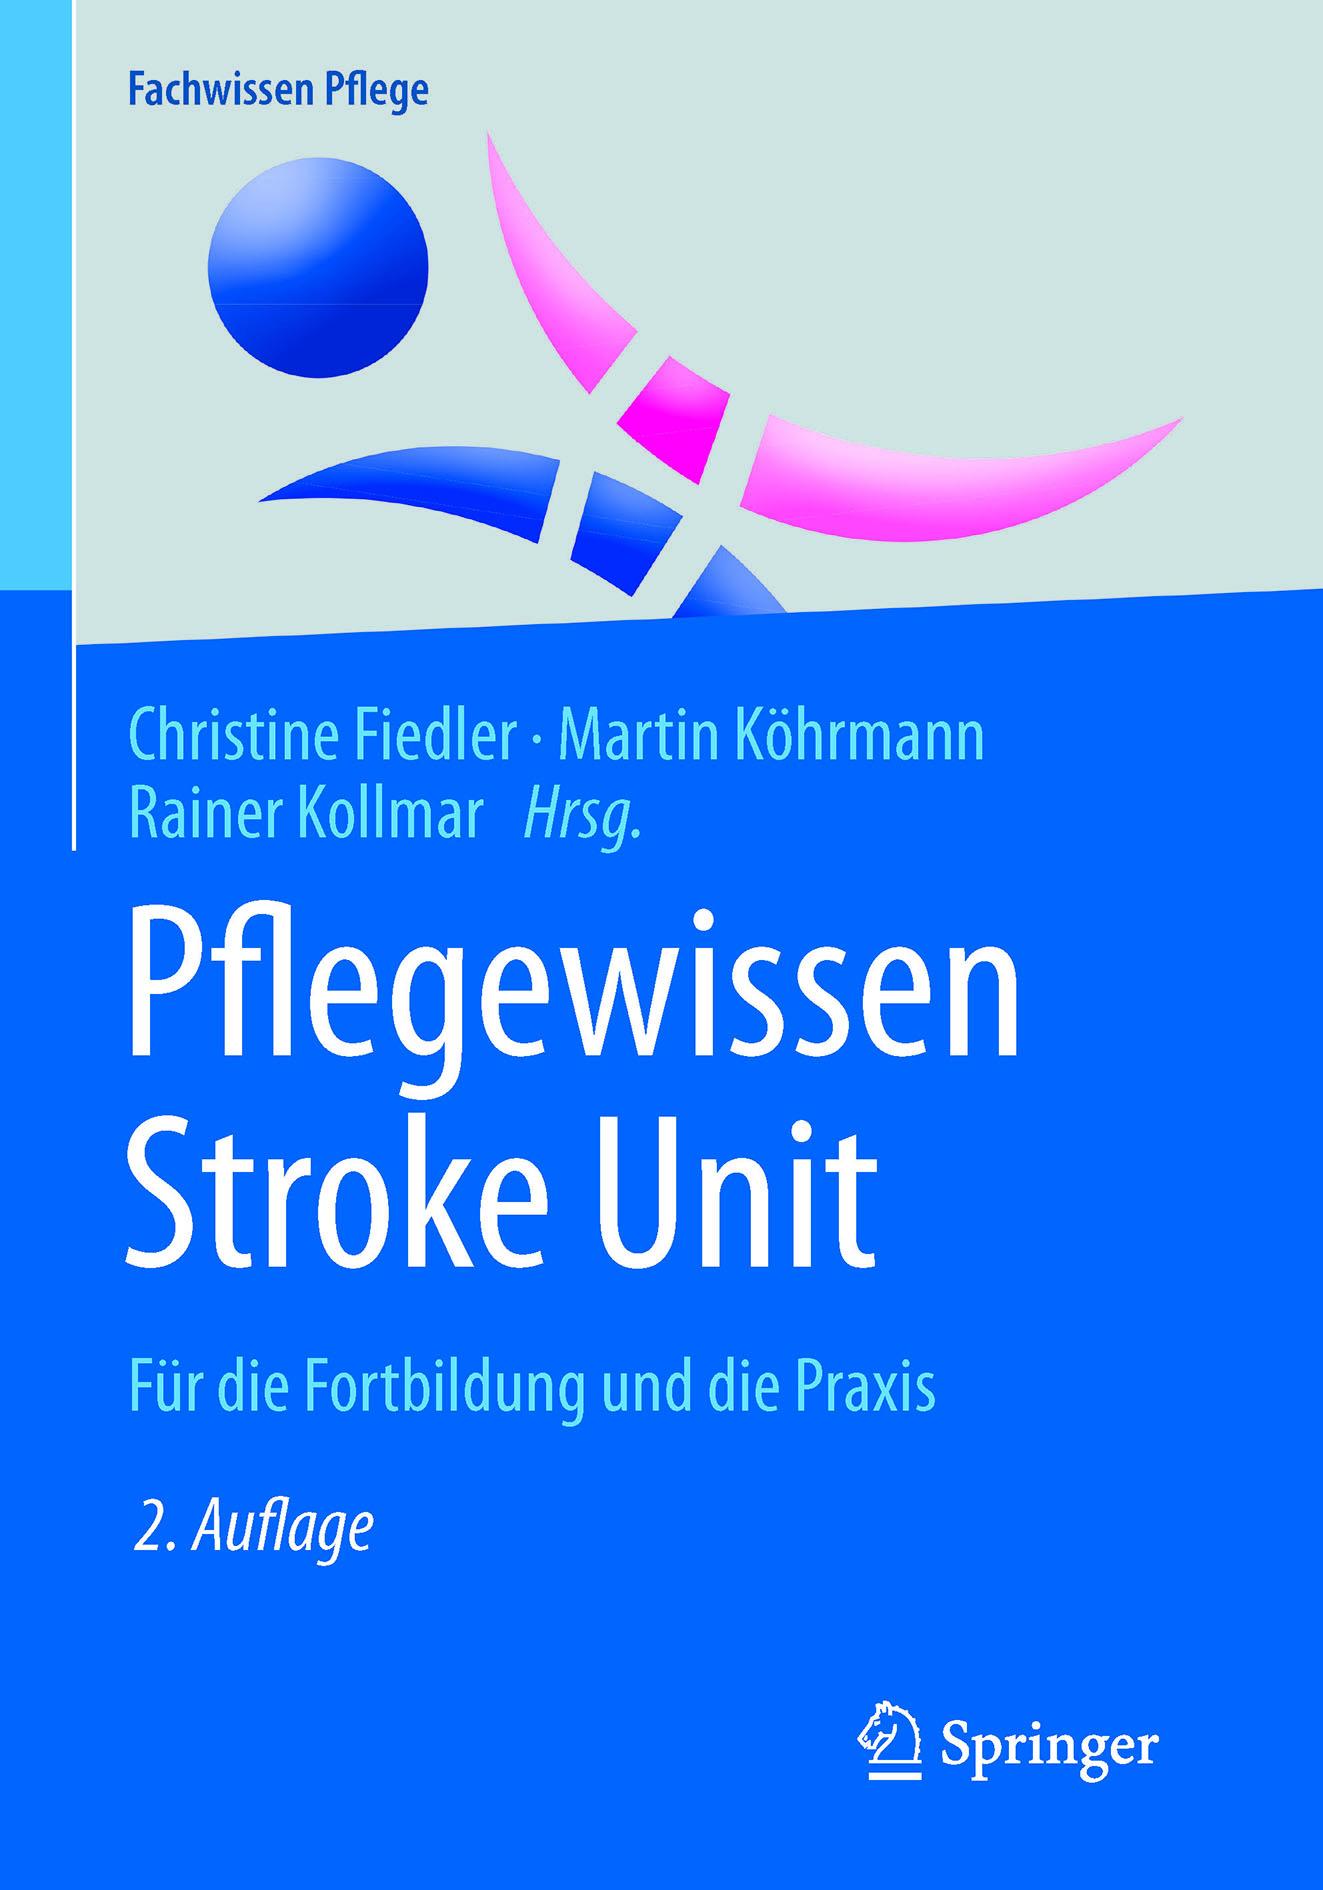 Fiedler, Christine - Pflegewissen Stroke Unit, ebook